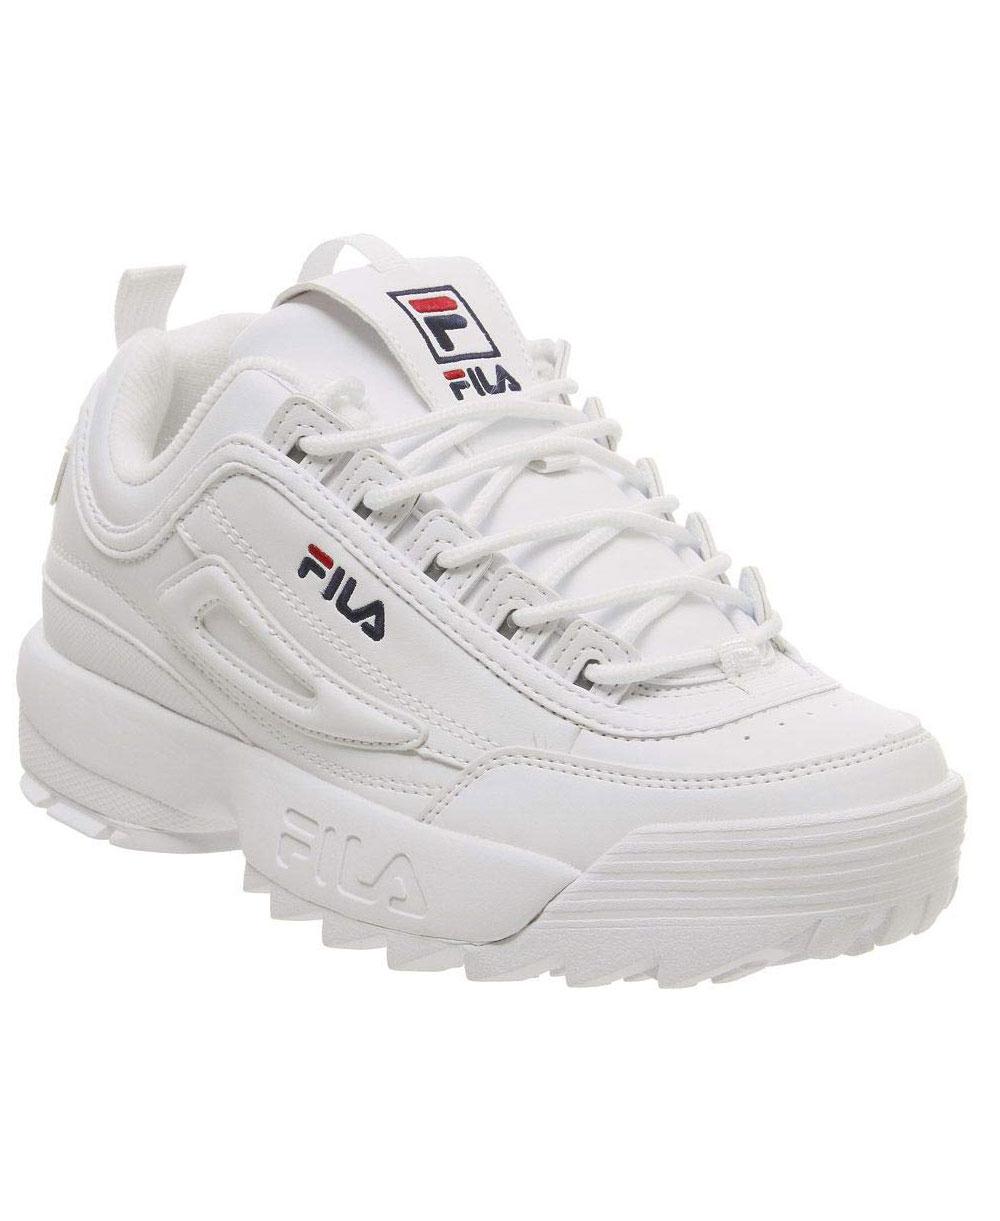 low priced 5dc32 6bc84 Dettagli su Fila - Disruptor II Letter Scarpe Sneakers Donna White